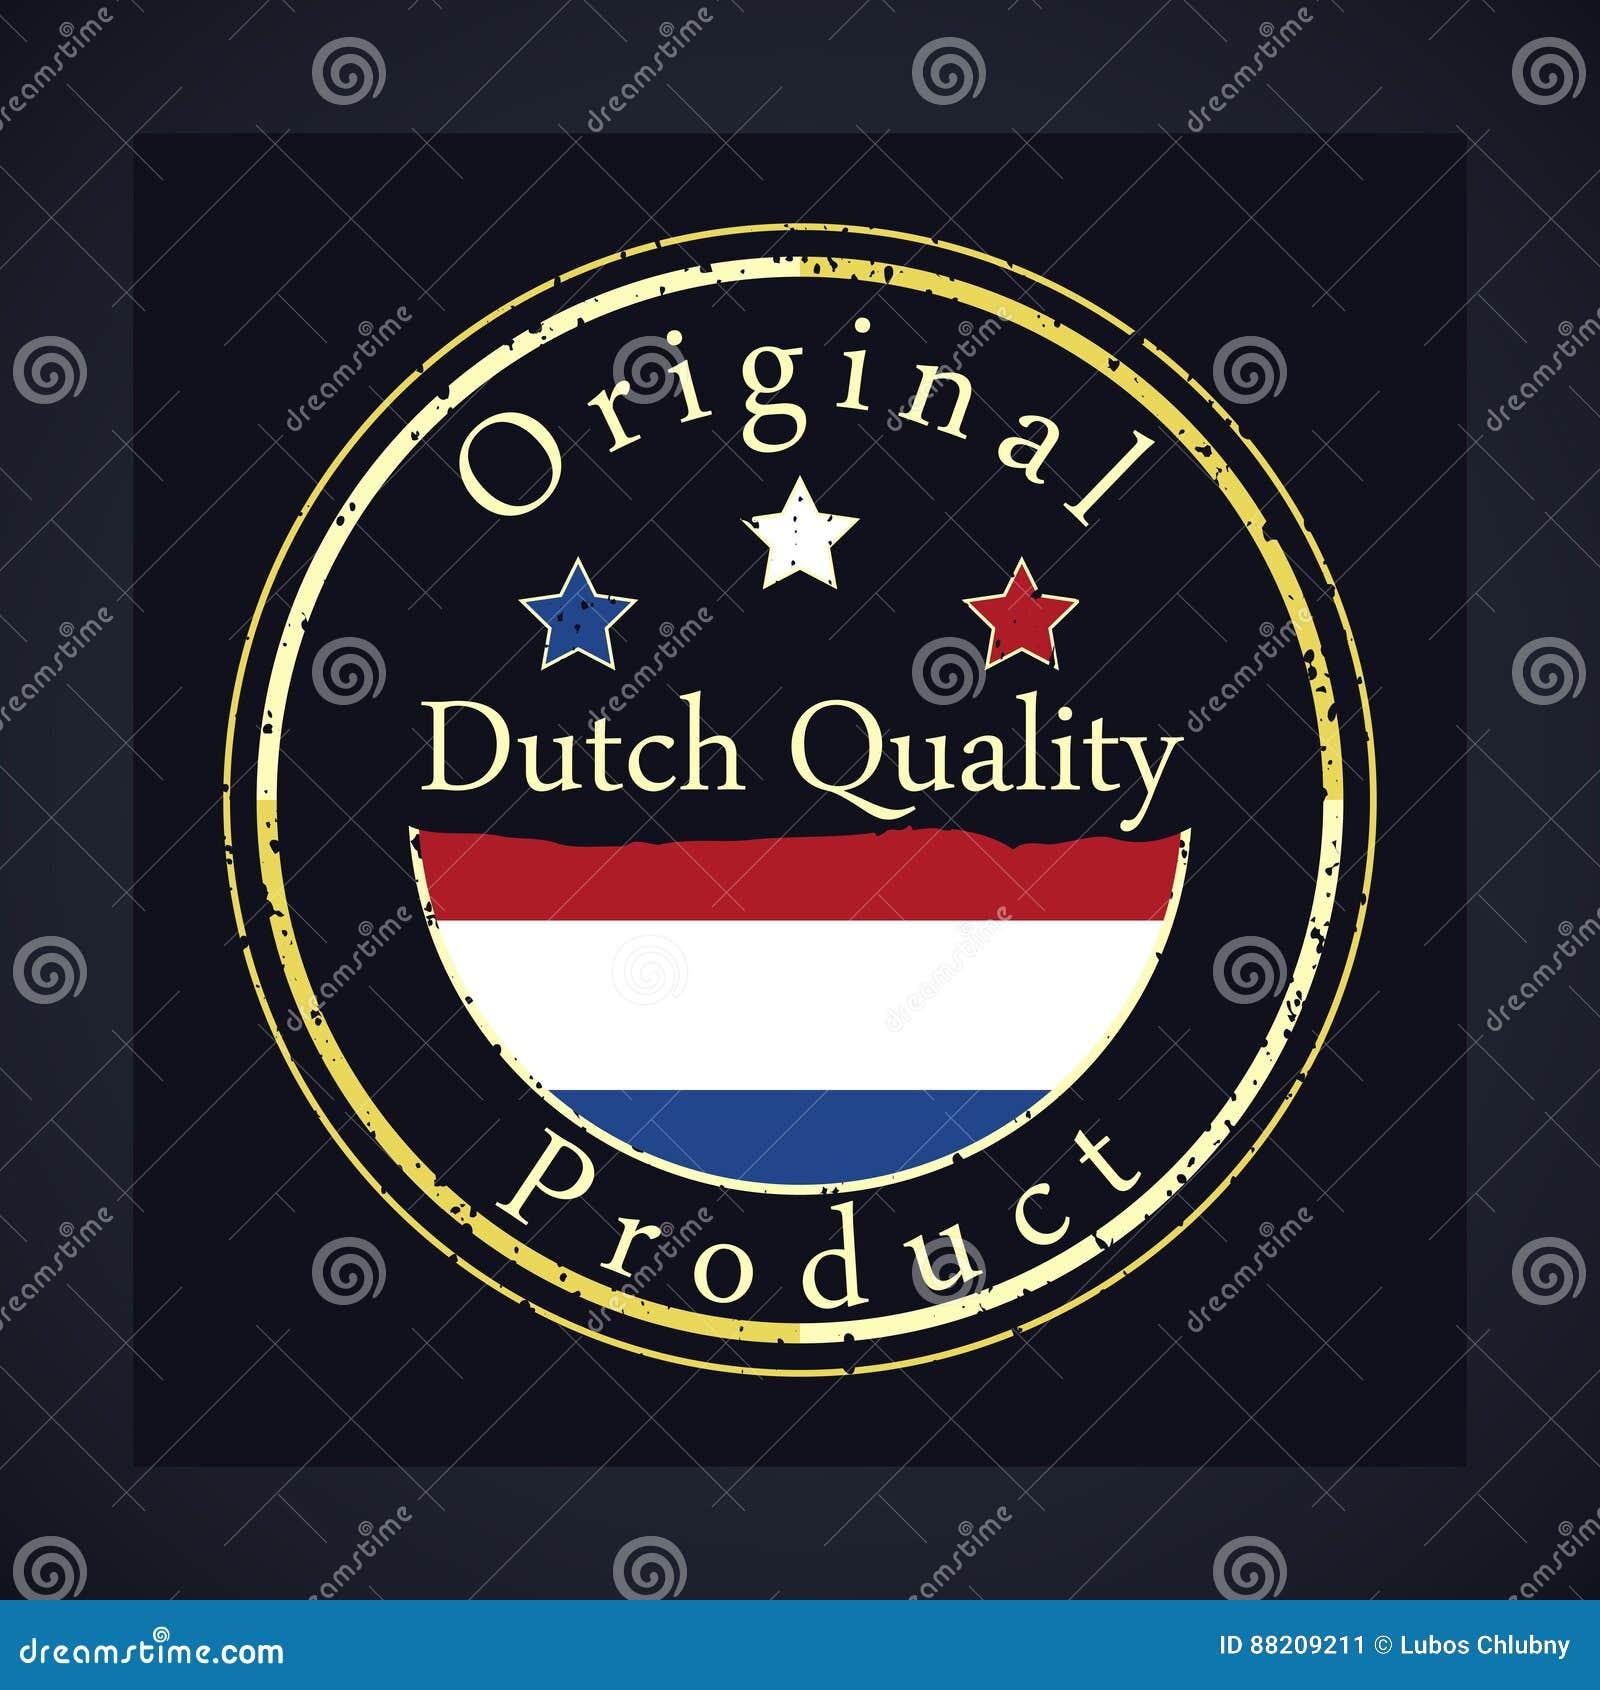 Goldschmutzstempel mit der niederländischen Qualität des Textes und dem ursprünglichen Produkt Aufkleber enthält niederländische